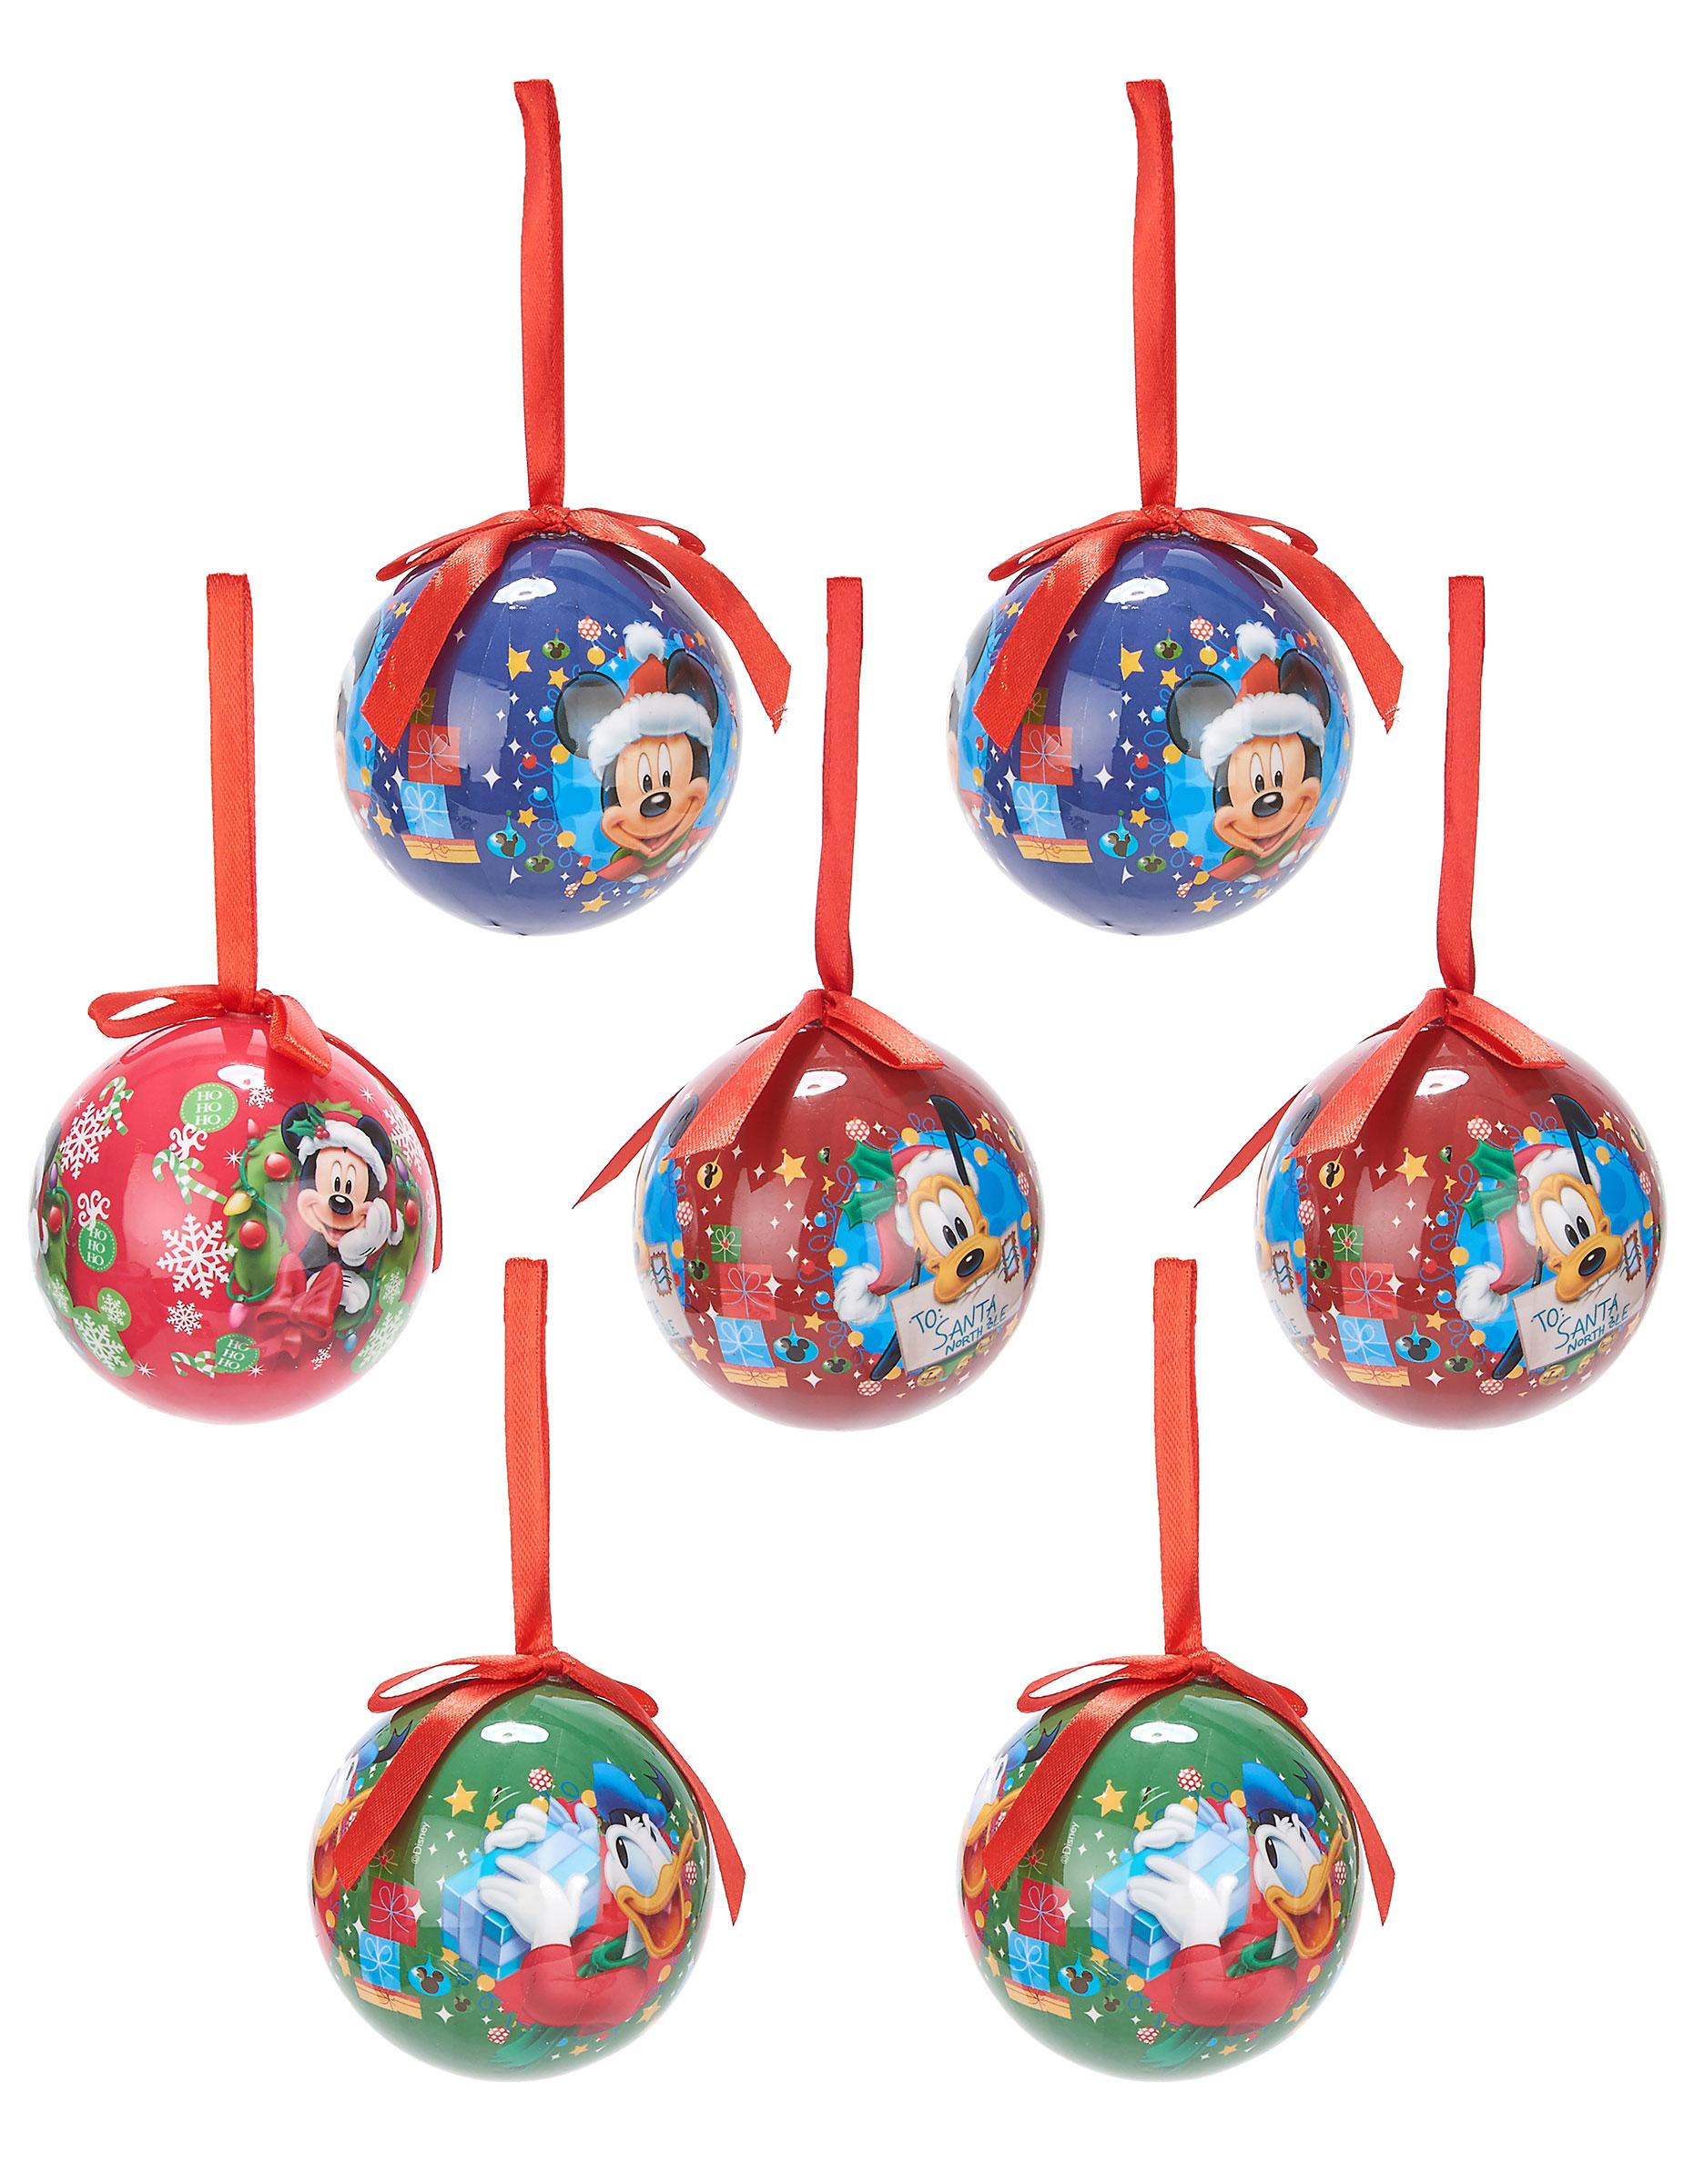 Souvent 7 Boules de Noël Mickey™ 7,5 cm : Deguise-toi, achat de Decoration  ZO77